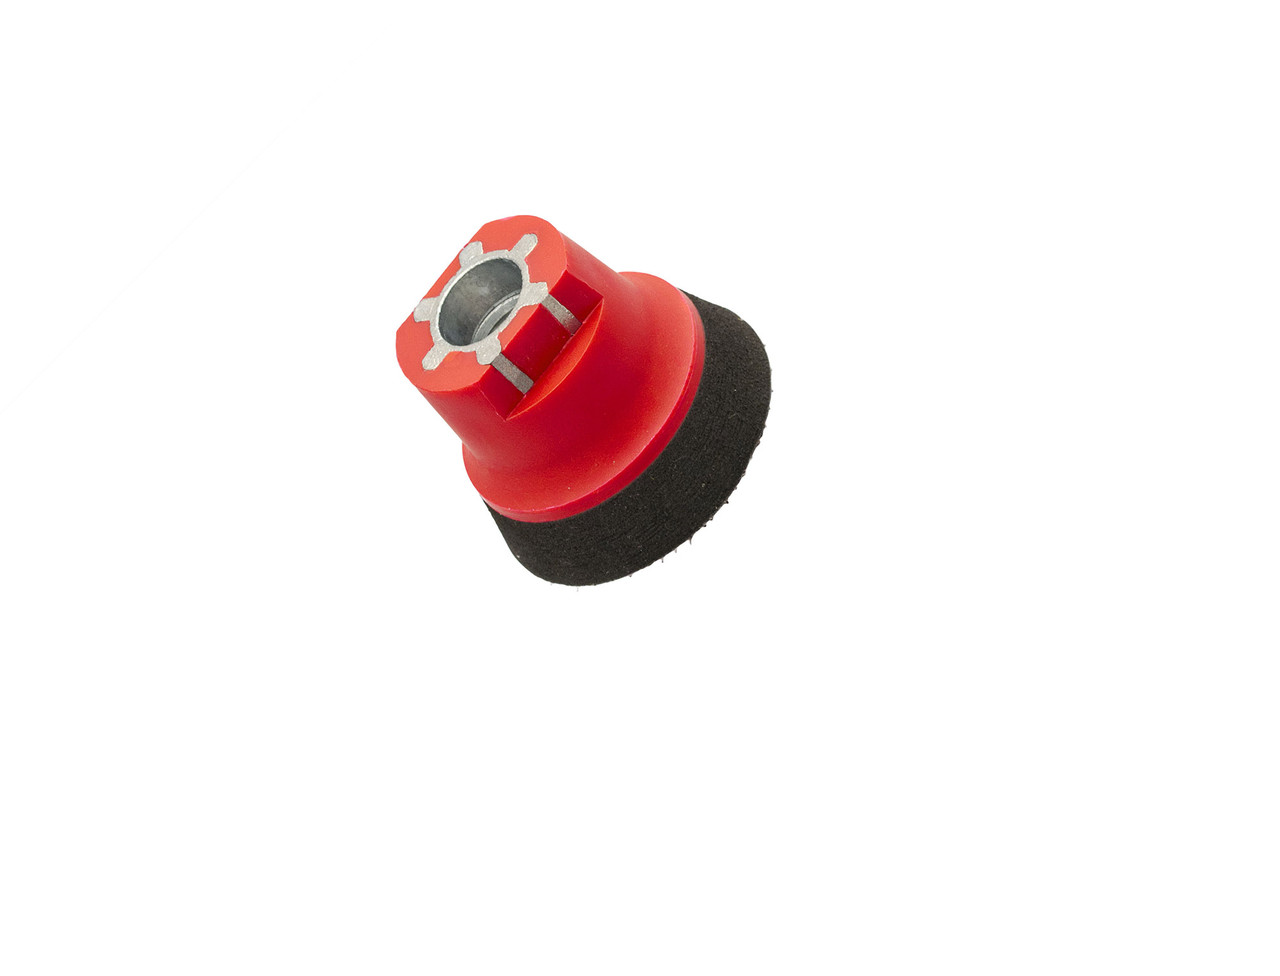 """36298 50 мм (2"""") М14 Оправлення м'яка для абразивів, червоно-чорна-Flexipads Soft Density Velcro"""